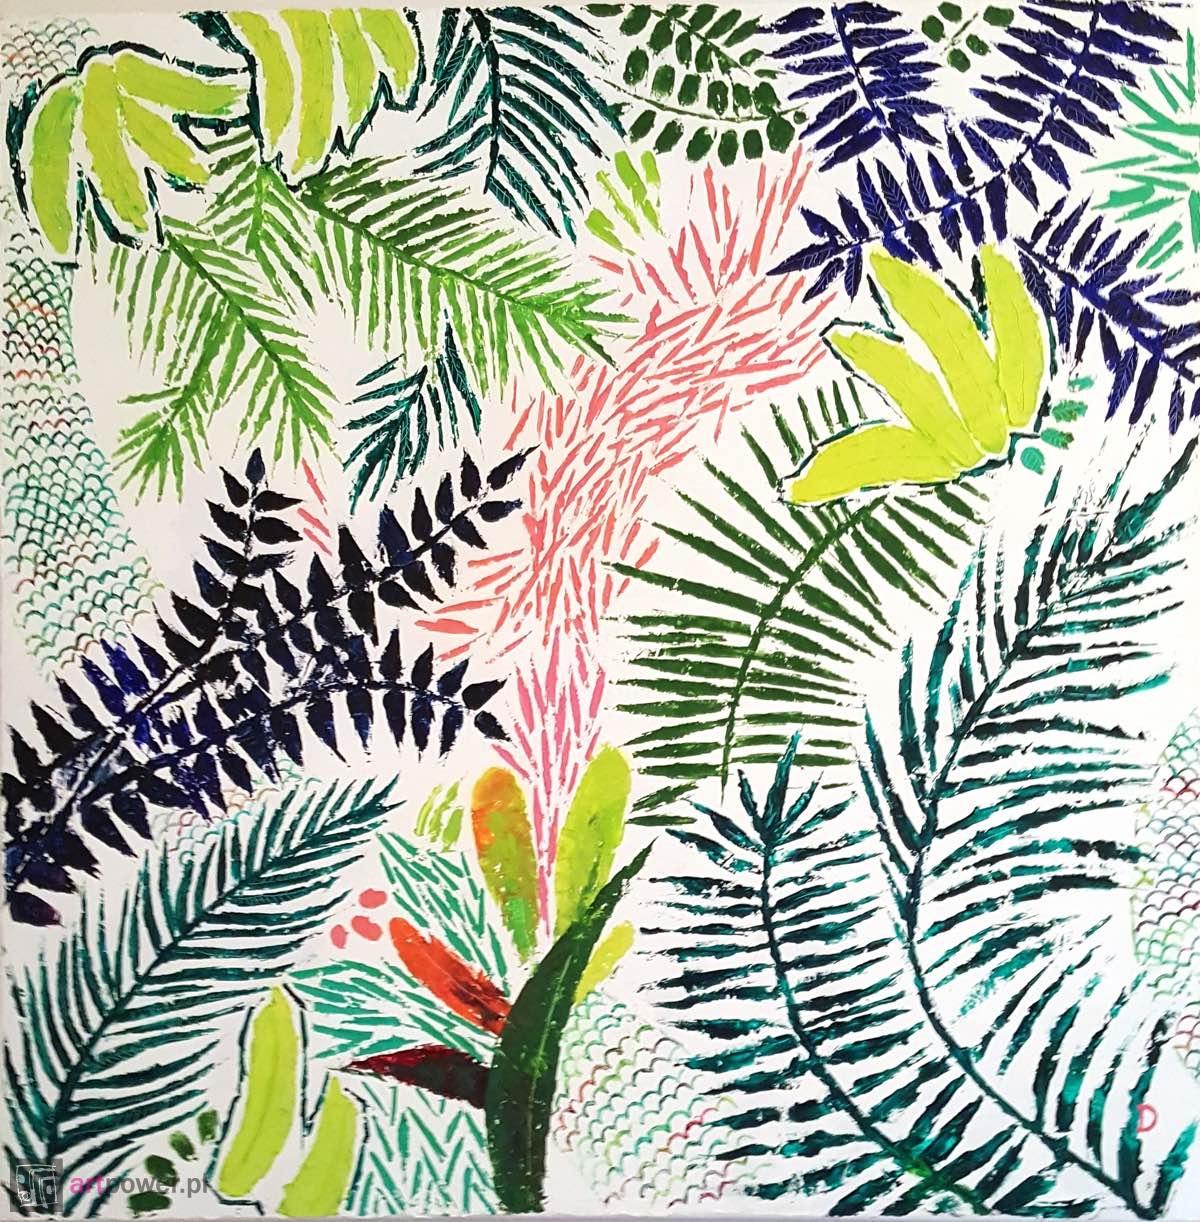 Primal jungle I